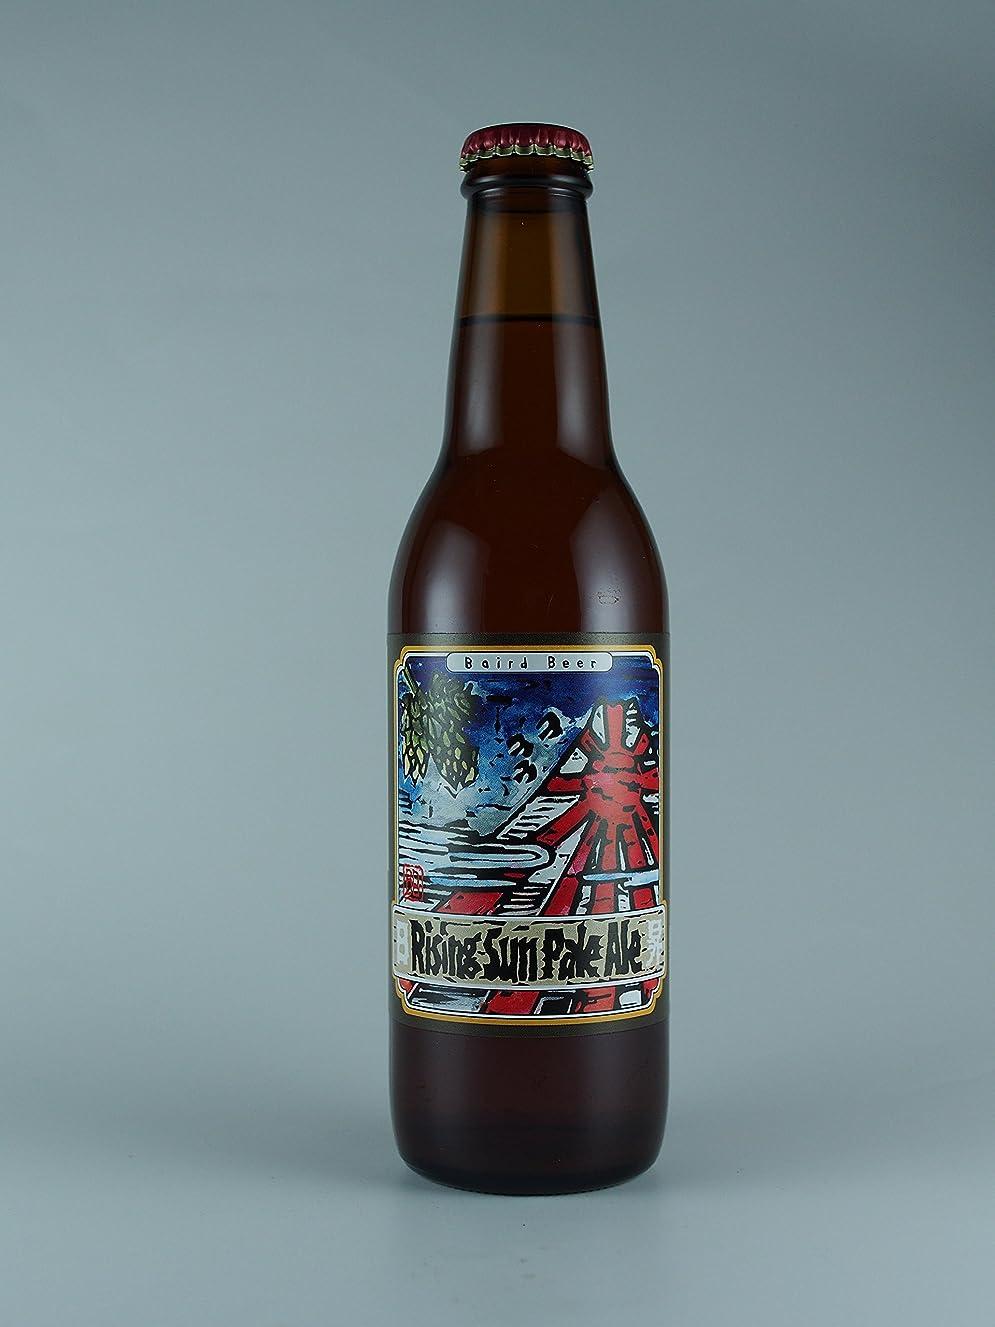 コックミリメーターチューブ?????????? (Baird Beer)ライジングサン ペールエール (Rising Sun Pale Ale)  1本???? (330ml×1) 定番ベアードビール クール便